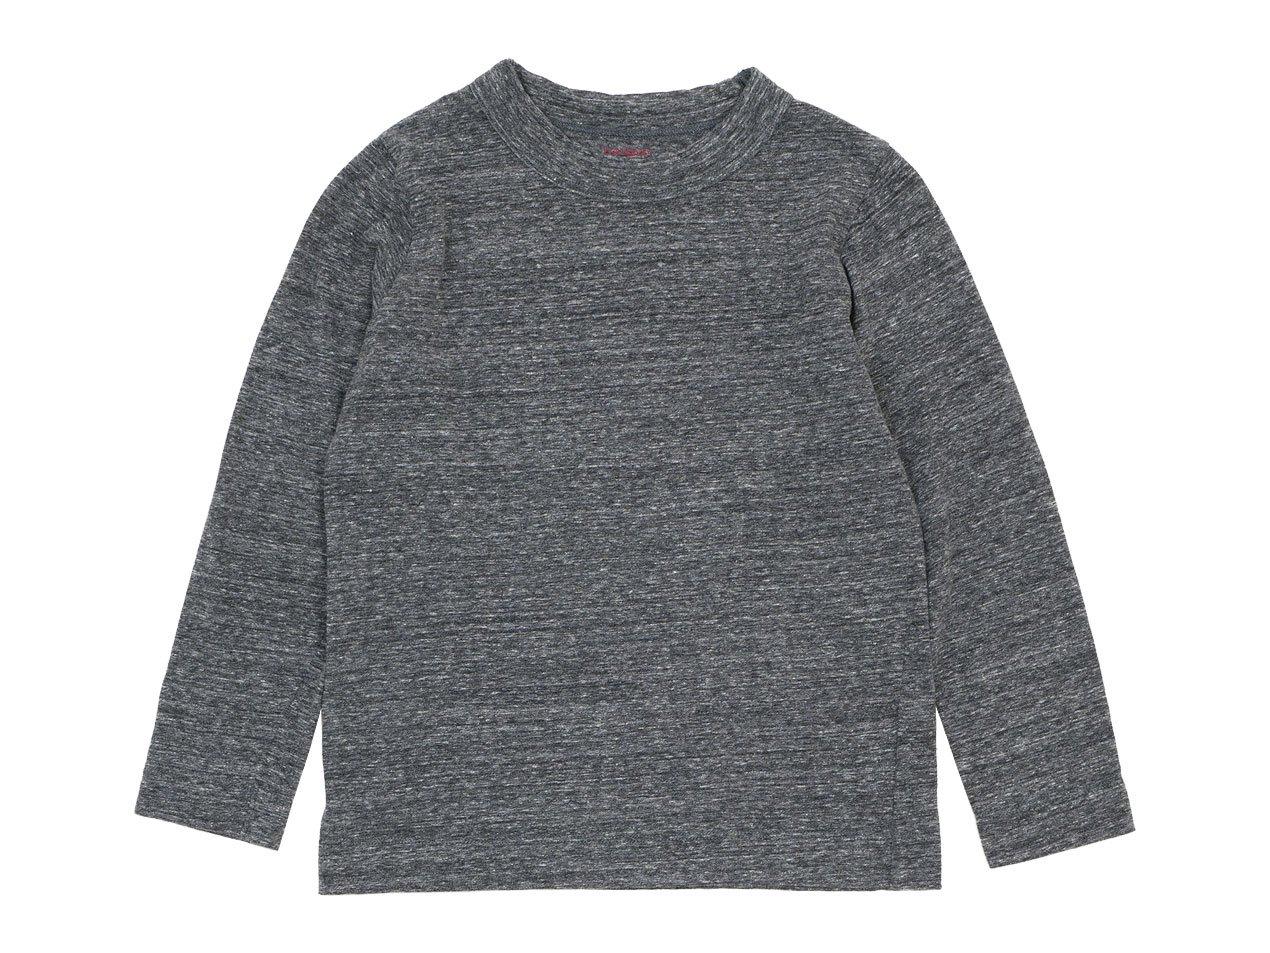 【Kid's】 homspun 30/1天竺 長袖Tシャツ 粗挽杢チャコール